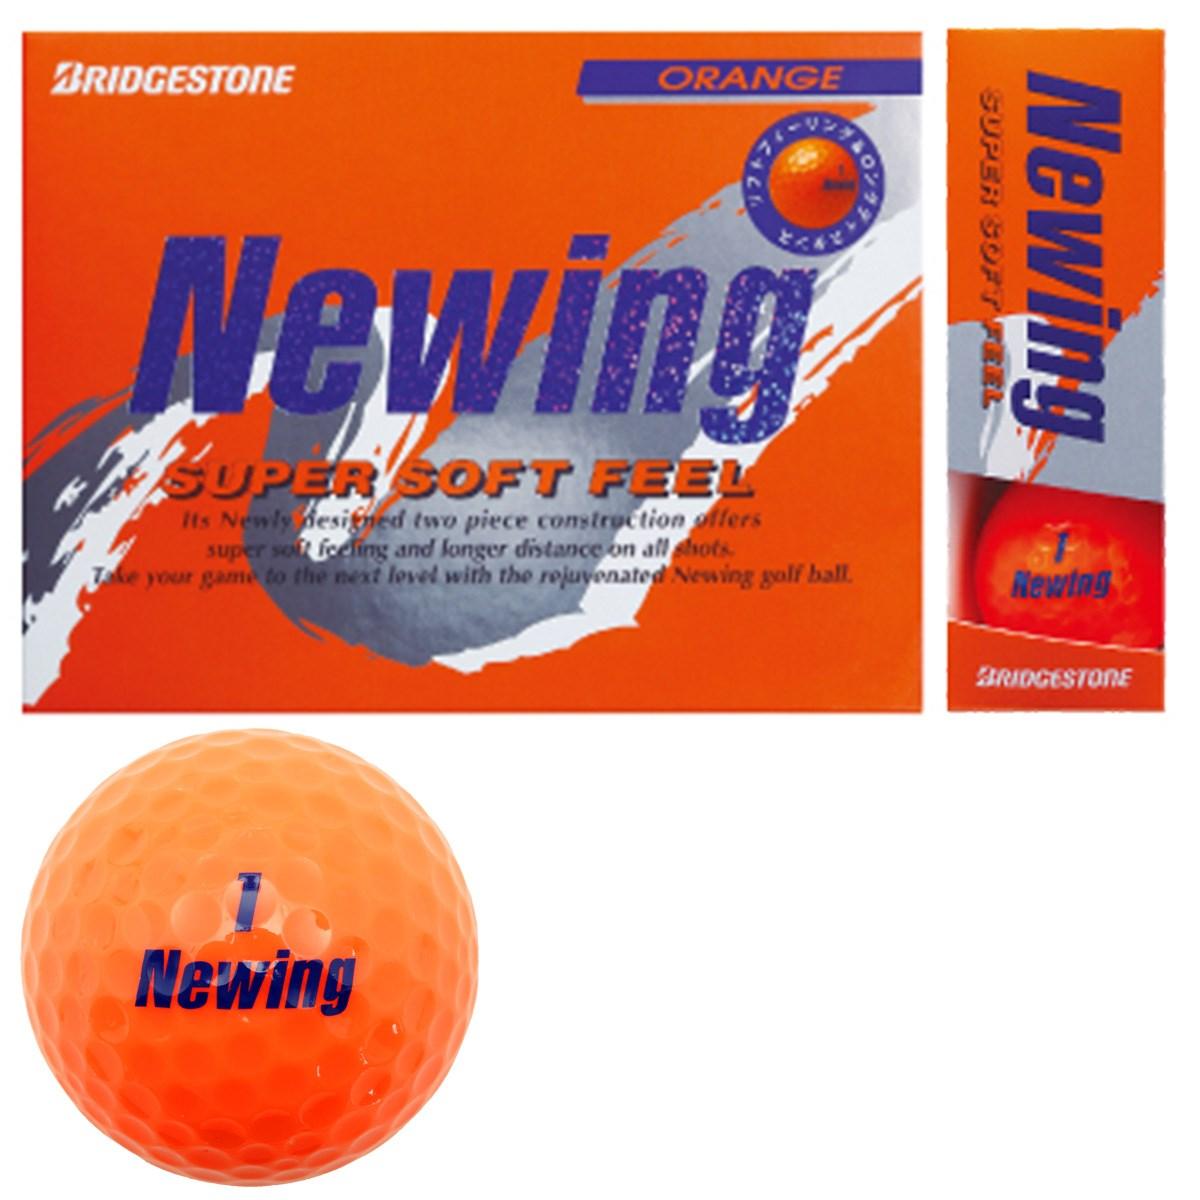 ブリヂストン NEWING ニューイング SUPER SOFT FEEL ボール 1ダース(12個入り) オレンジ